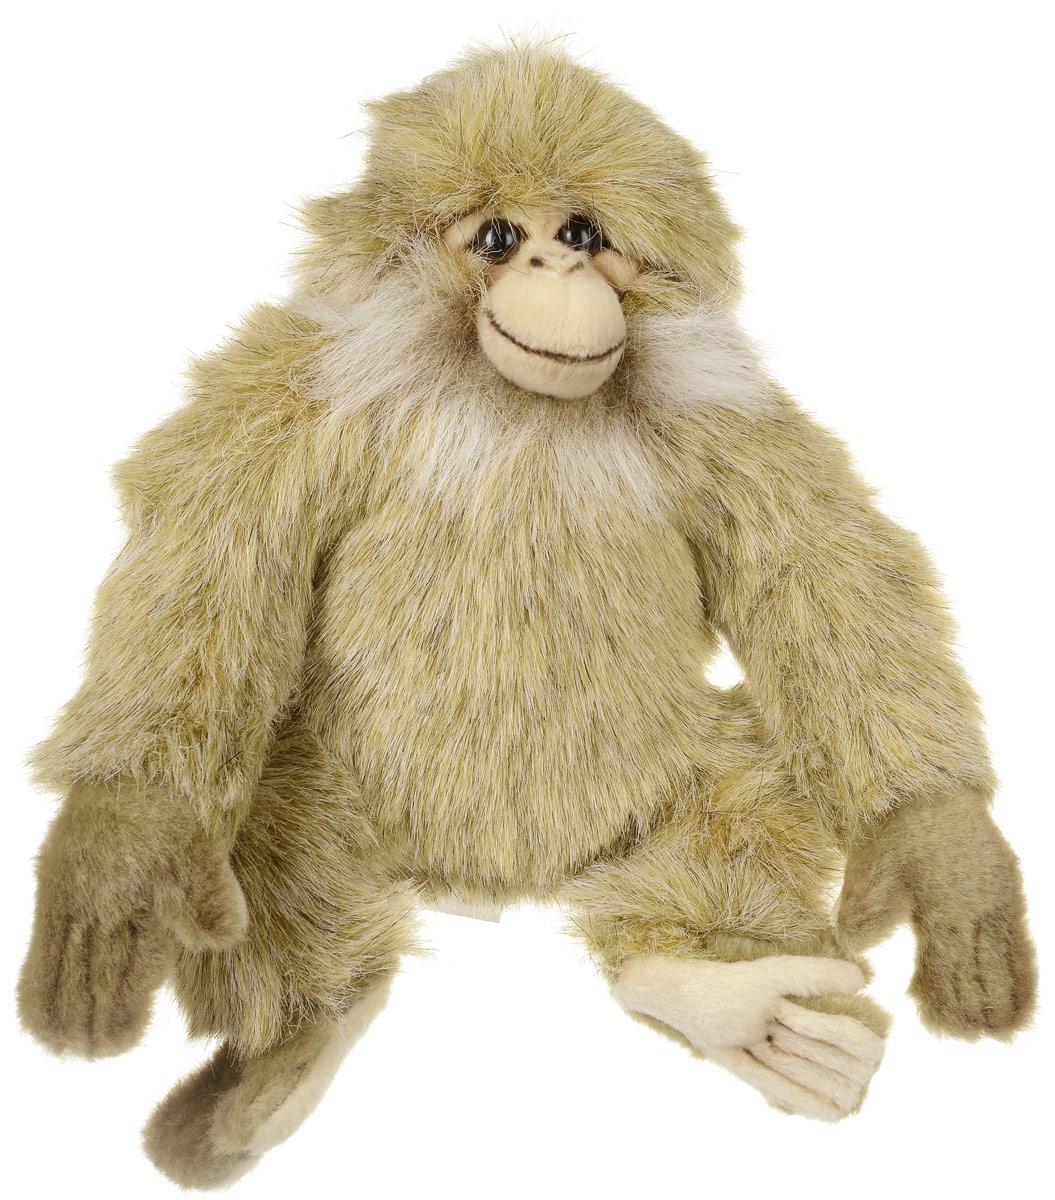 Hansa Toys Мягкая игрушка Обезьяна 15 см3562Обезьянами называются все представители отряда приматов, кроме человека. Большинство обезьян живут на деревьях, их пищу составляют в основном листья, фрукты и насекомые. Все обезьяны хорошо лазают. Передние конечности у них свободно вращаются. Большие пальцы на передних и задних лапах противопоставлены остальным, то есть все конечности хватательные, приспособленные для жизни на деревьях. Большинство обезьян всеядны и питаются насекомыми, ракообразными, птичьими яйцами, плодами, семенами, листьями деревьев, молодыми побегами и травой. Обезьяны наиболее многочисленны и разнообразны в тропических и субтропических областях, особенно на равнинах вблизи водоемов. После семи месяцев беременности у обезьян рождается один детеныш, родители заботятся о малыше от двух месяцев до двух лет, в зависимости от вида. Мягкая игрушка Hansa Toys Обезьяна обязательно понравится вам и вашему малышу, а также познакомит вас с этим животным.